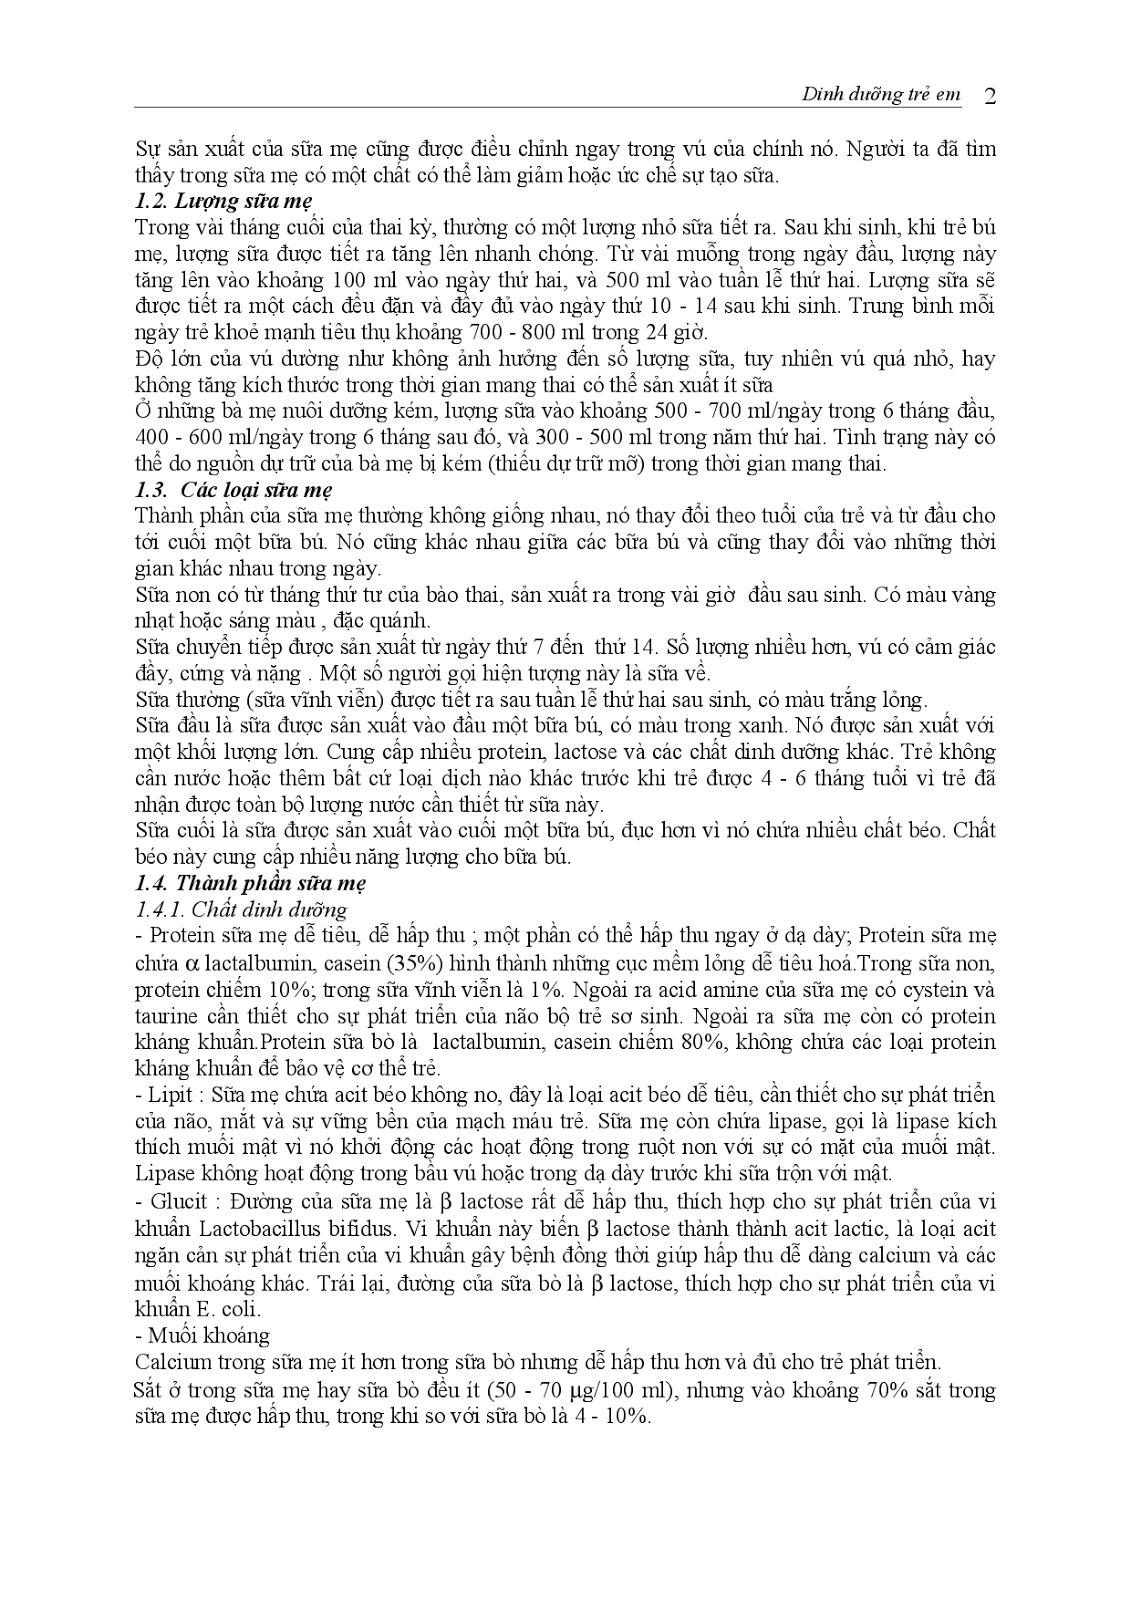 Trang 2 sach Bài giảng Nhi khoa I (Nhi khoa cơ sở - Nhi dinh dưỡng) - ĐH Y Huế